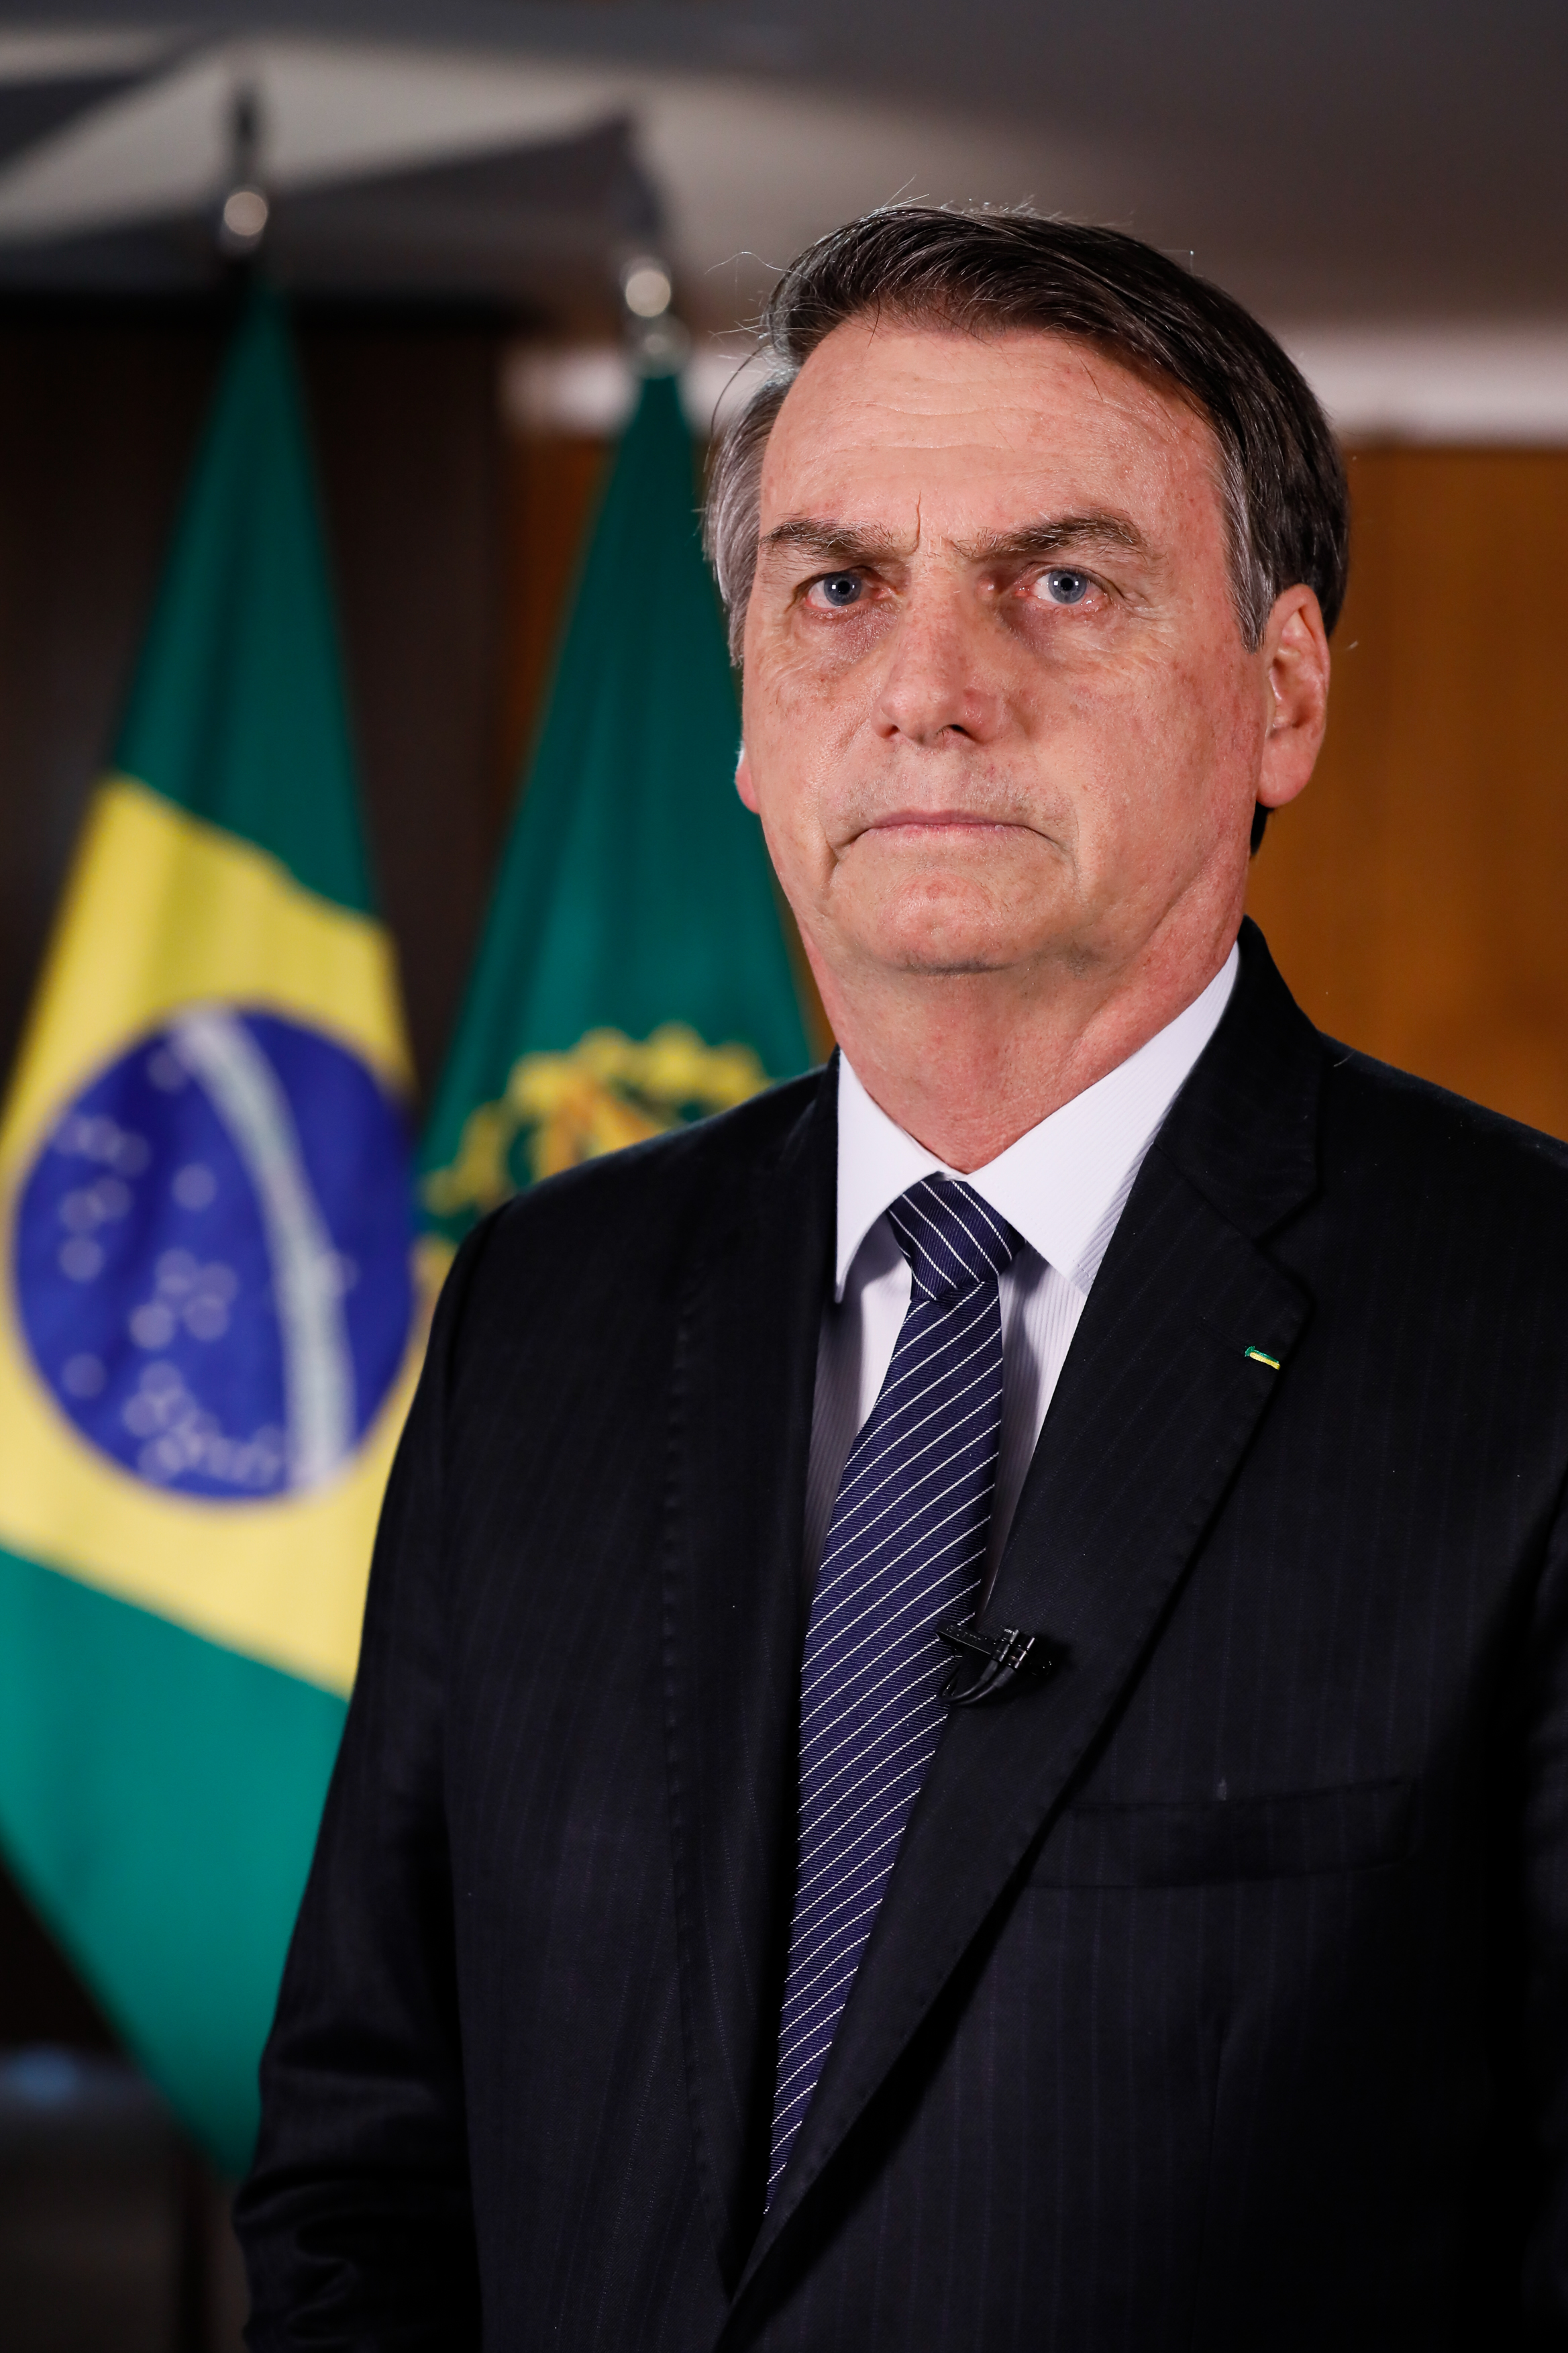 82d57818c27 Jair Bolsonaro - Wikipedia